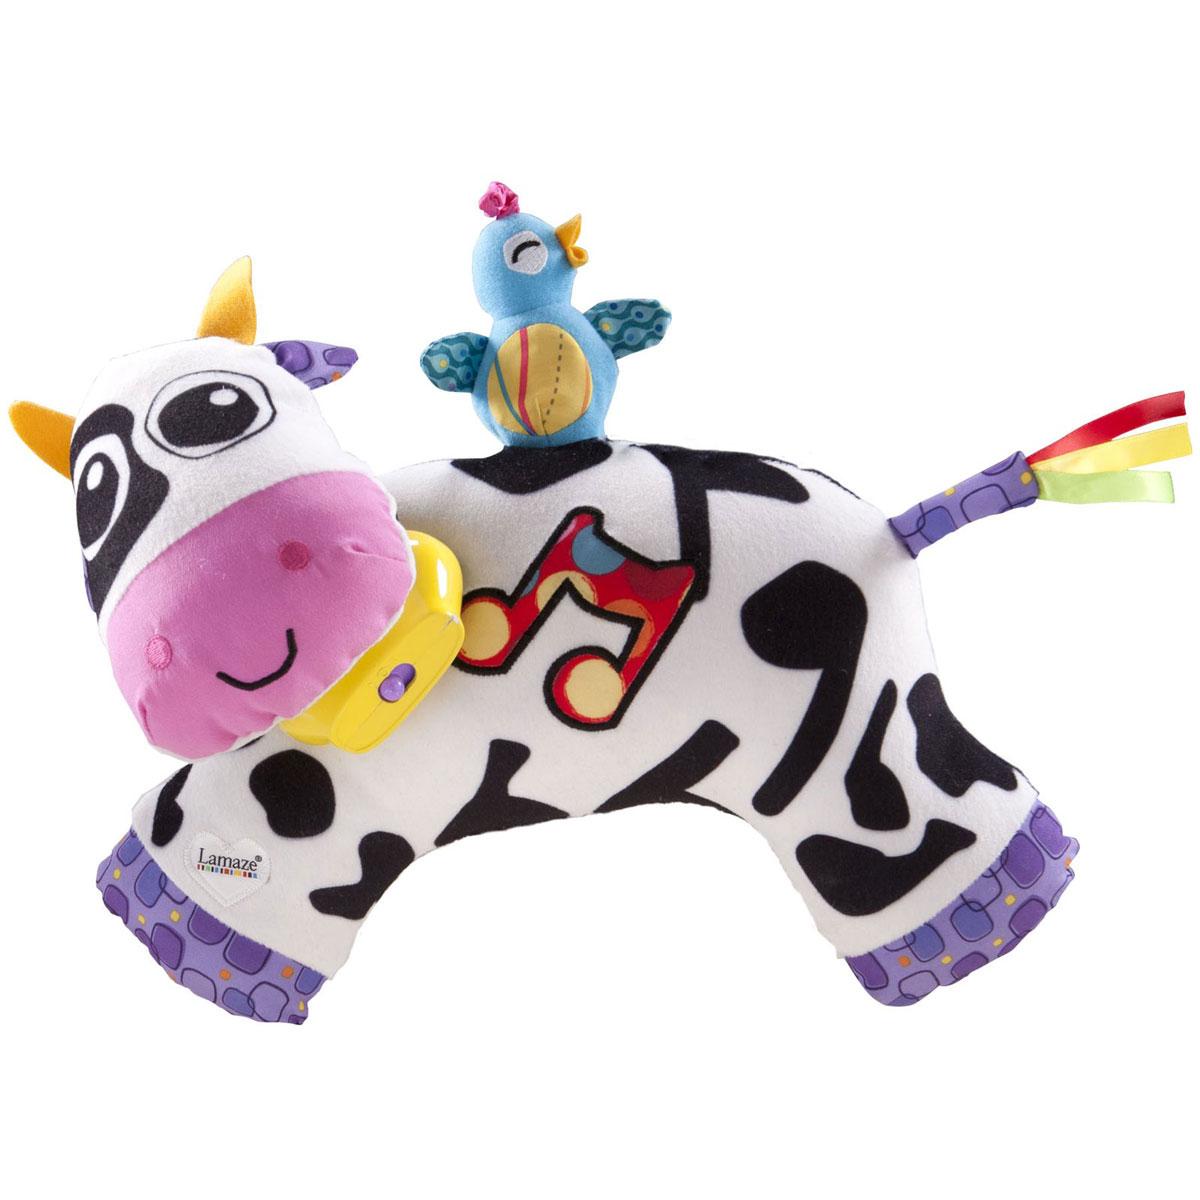 Lamaze Развивающая игрушка Музыкальная коровка музыкальная развивающая игрушка розумне цуценя в харькове